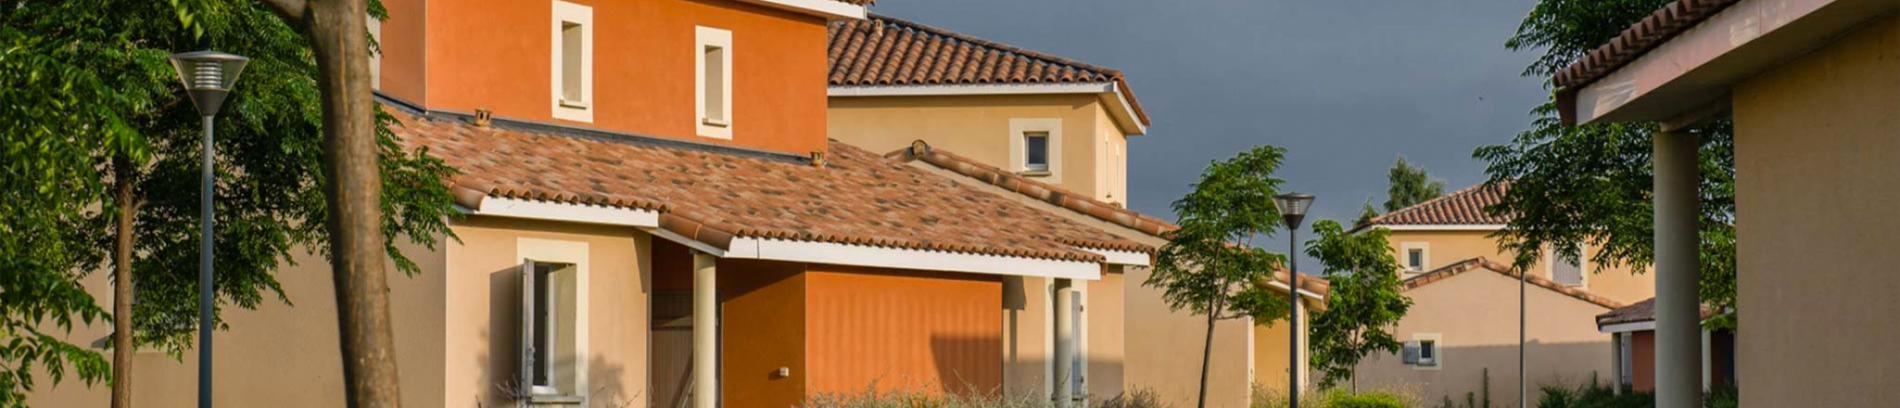 Slide Les villas de la résidence